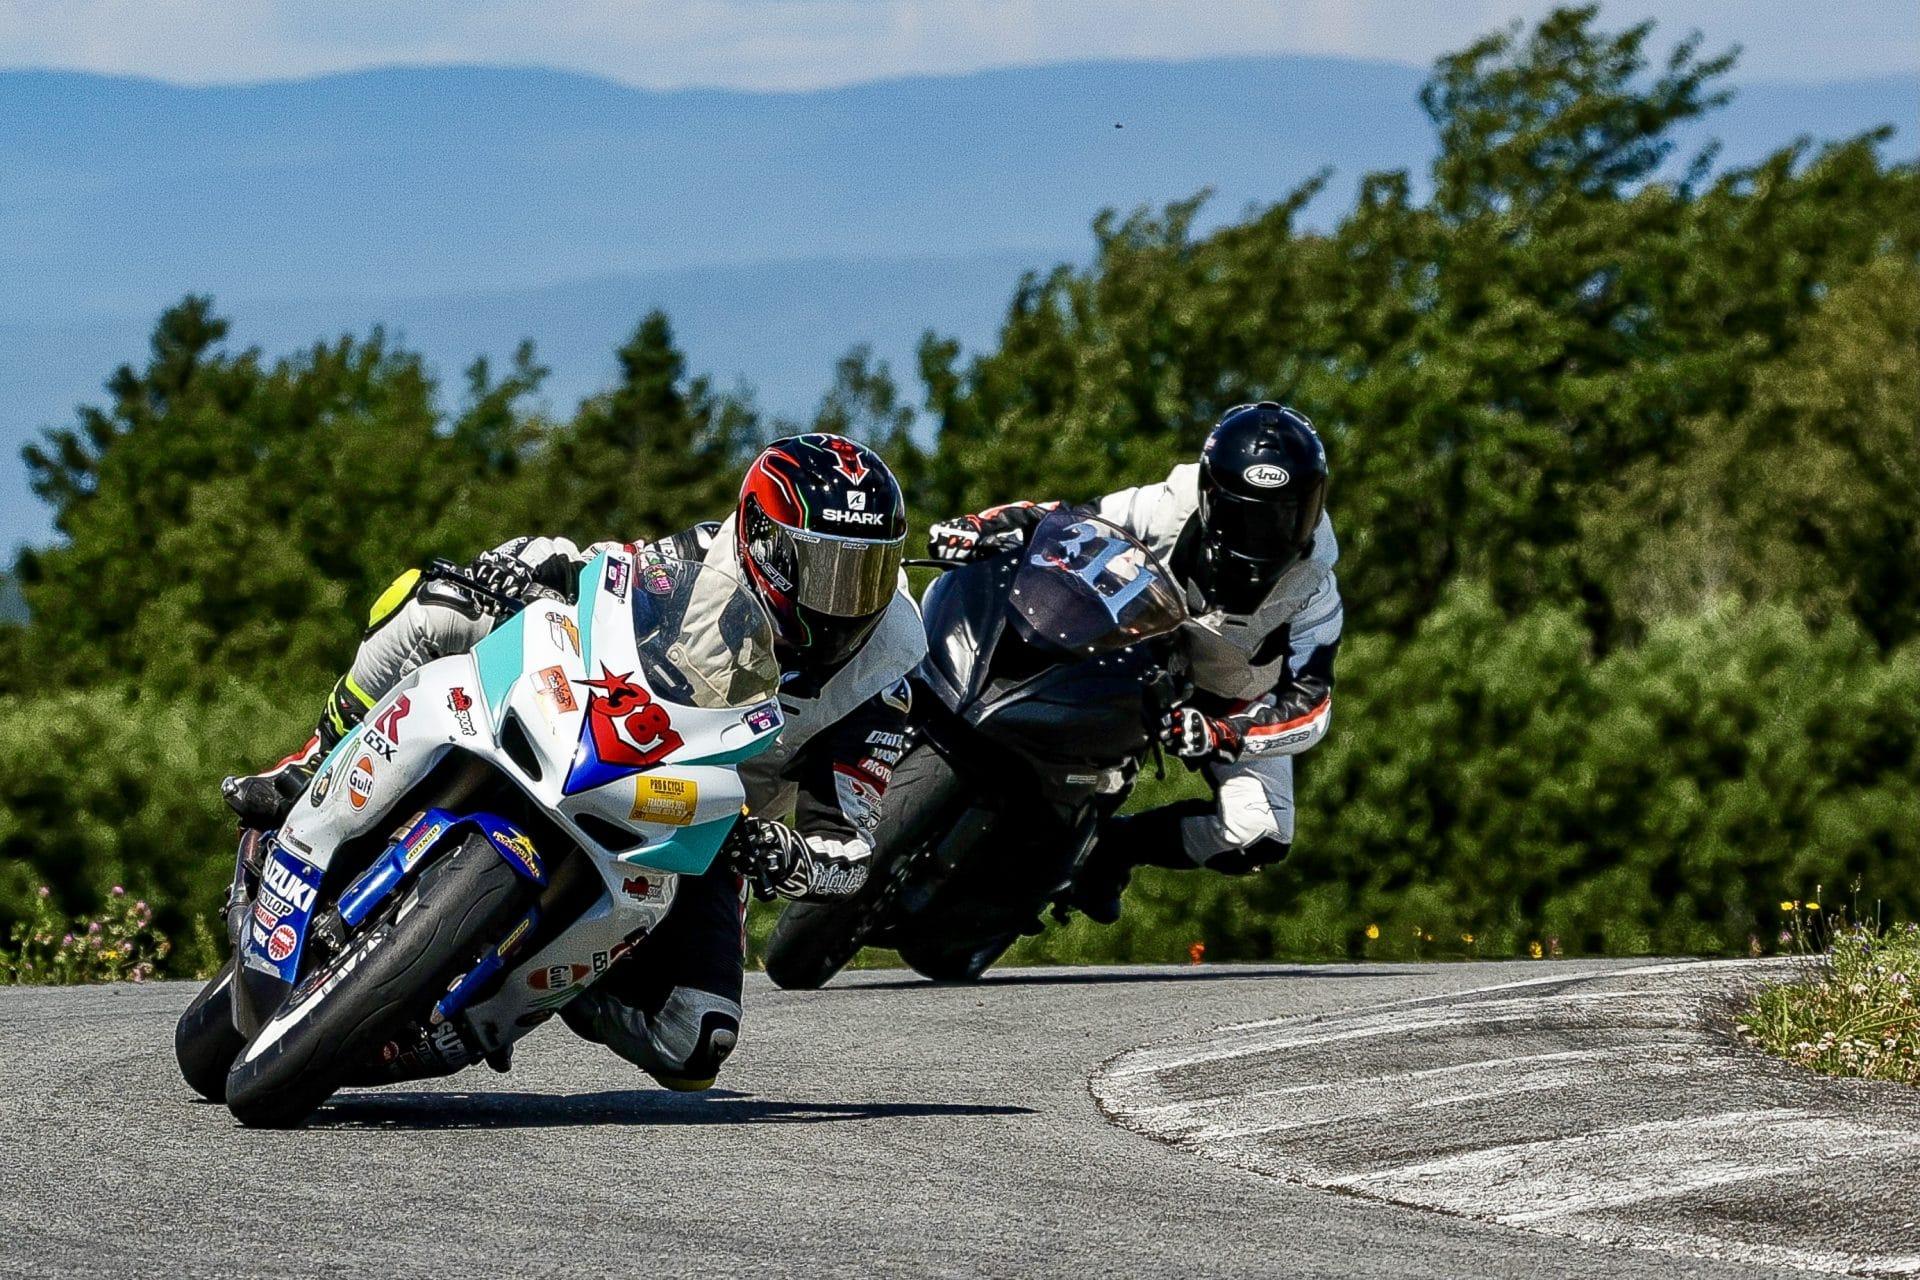 Les motos Supersport, de la route à la piste...(Eve Lyne)